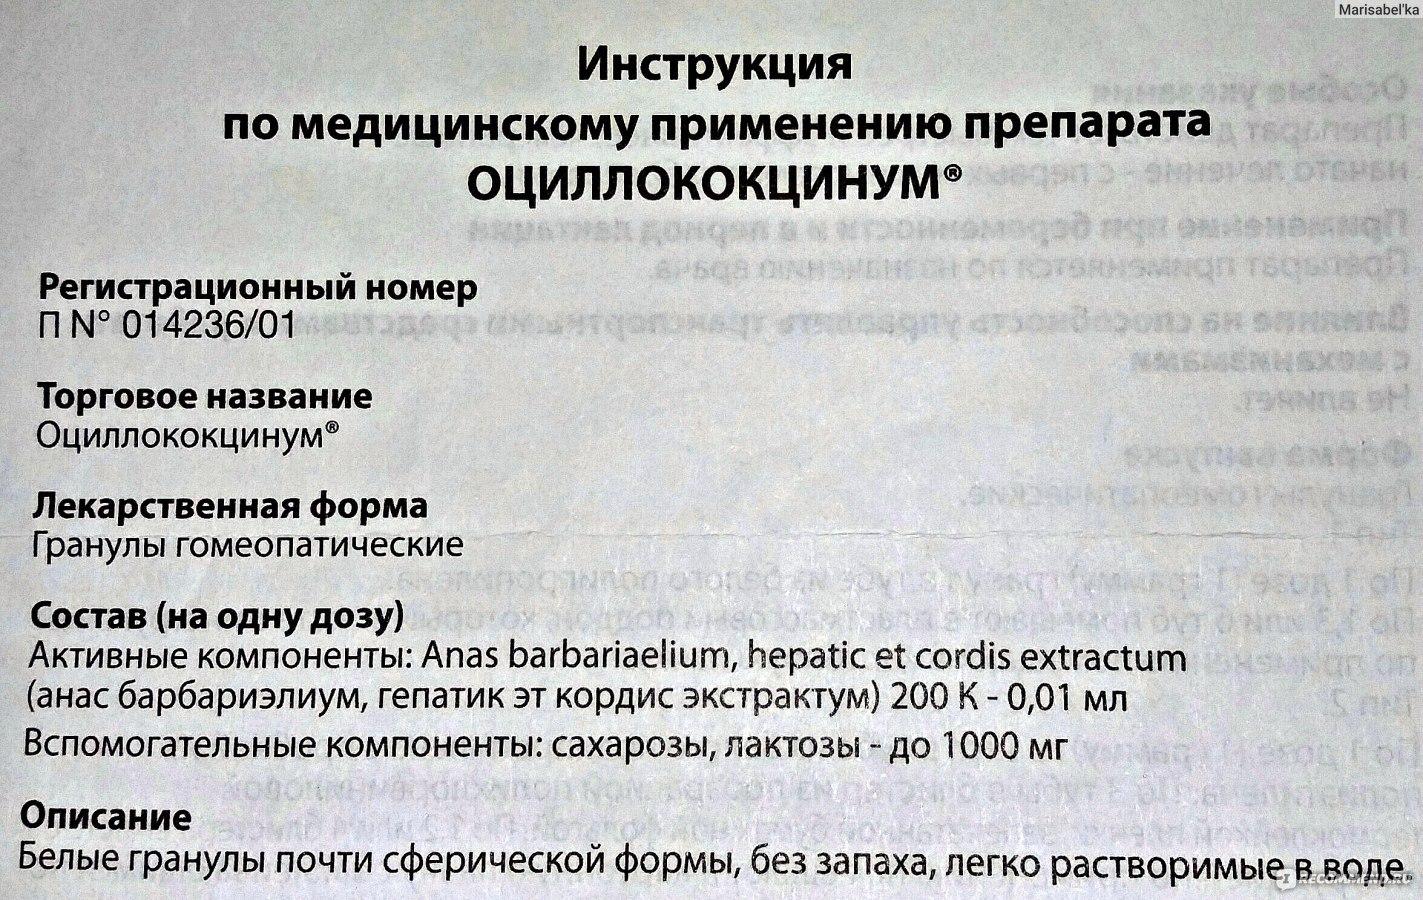 оциллококцинум инструкция по применению цена